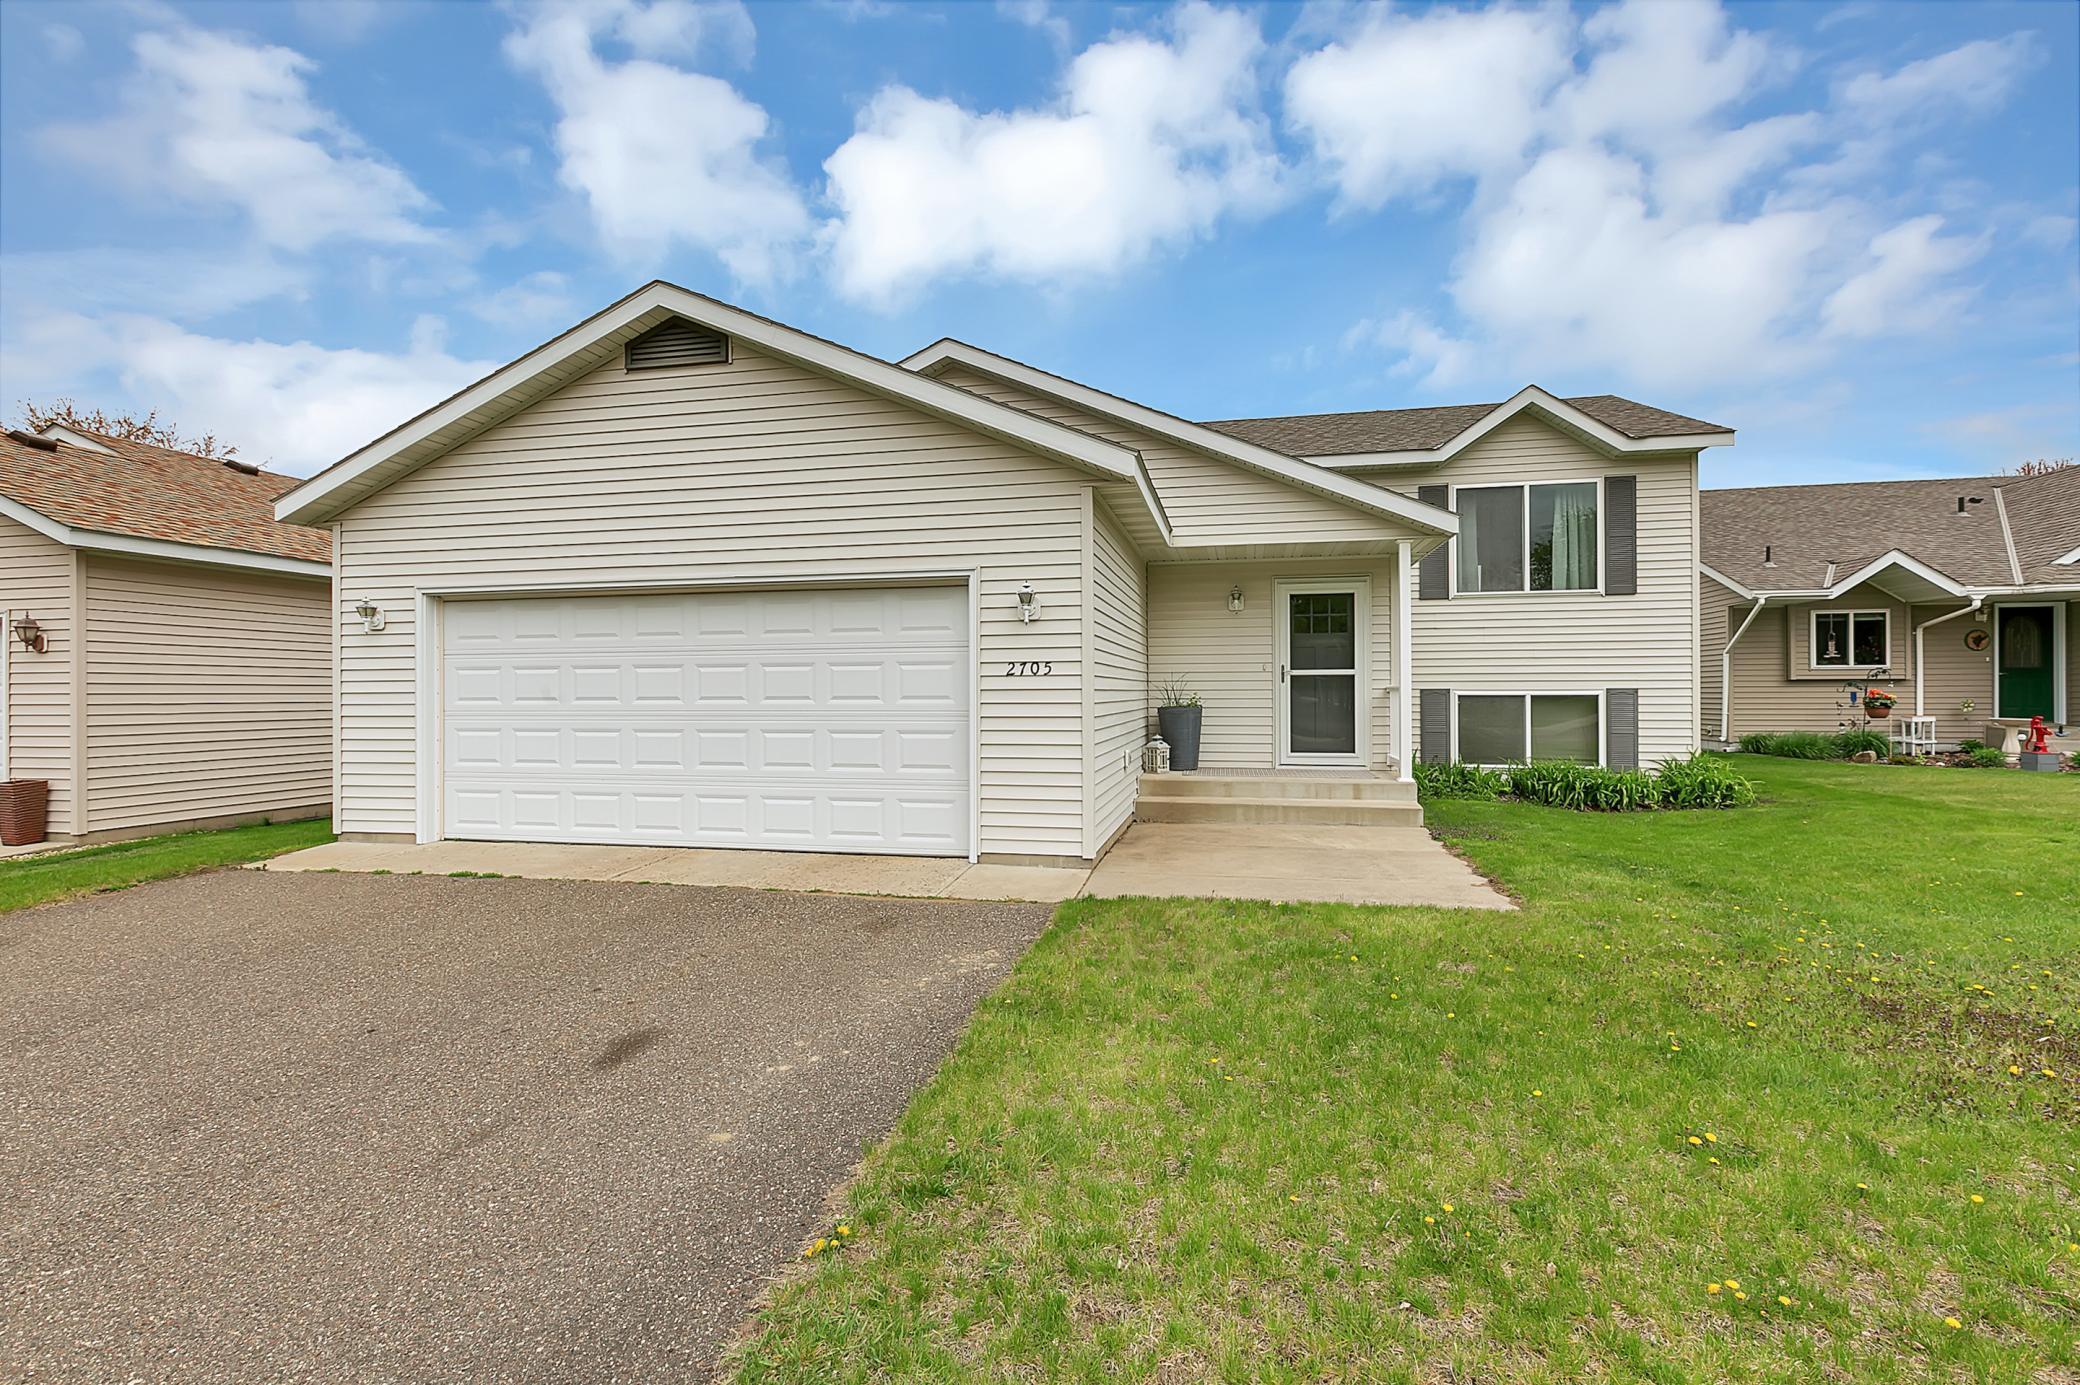 2705 Shannon Place, Saint Cloud MN 56301 - Photo 1